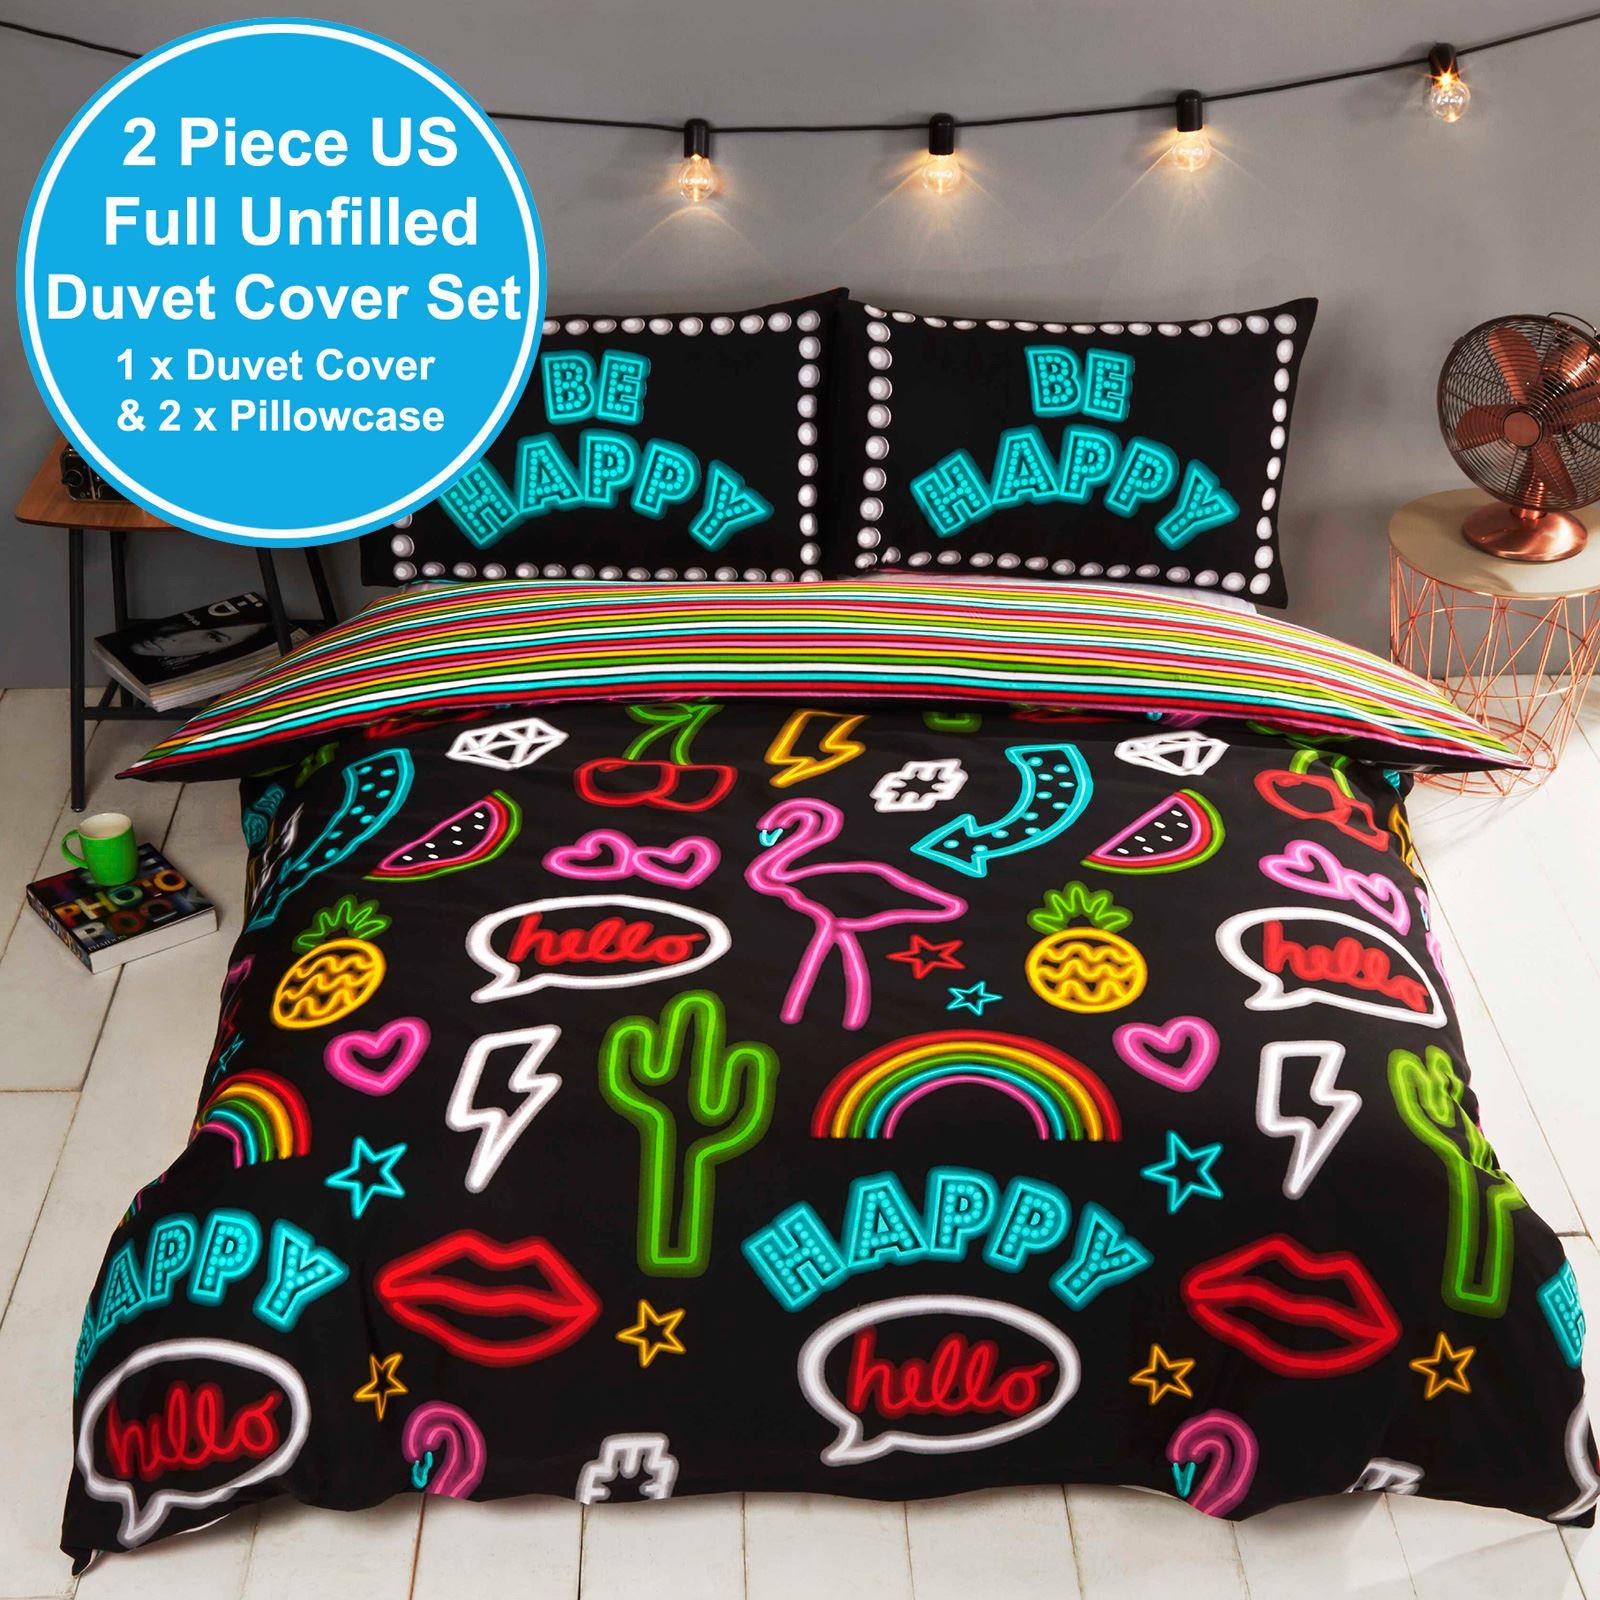 Indexbild 15 - Teenager Bettwäsche Sets - Einzel / Doppelbett Bettwäsche Jungen Musik Graffiti